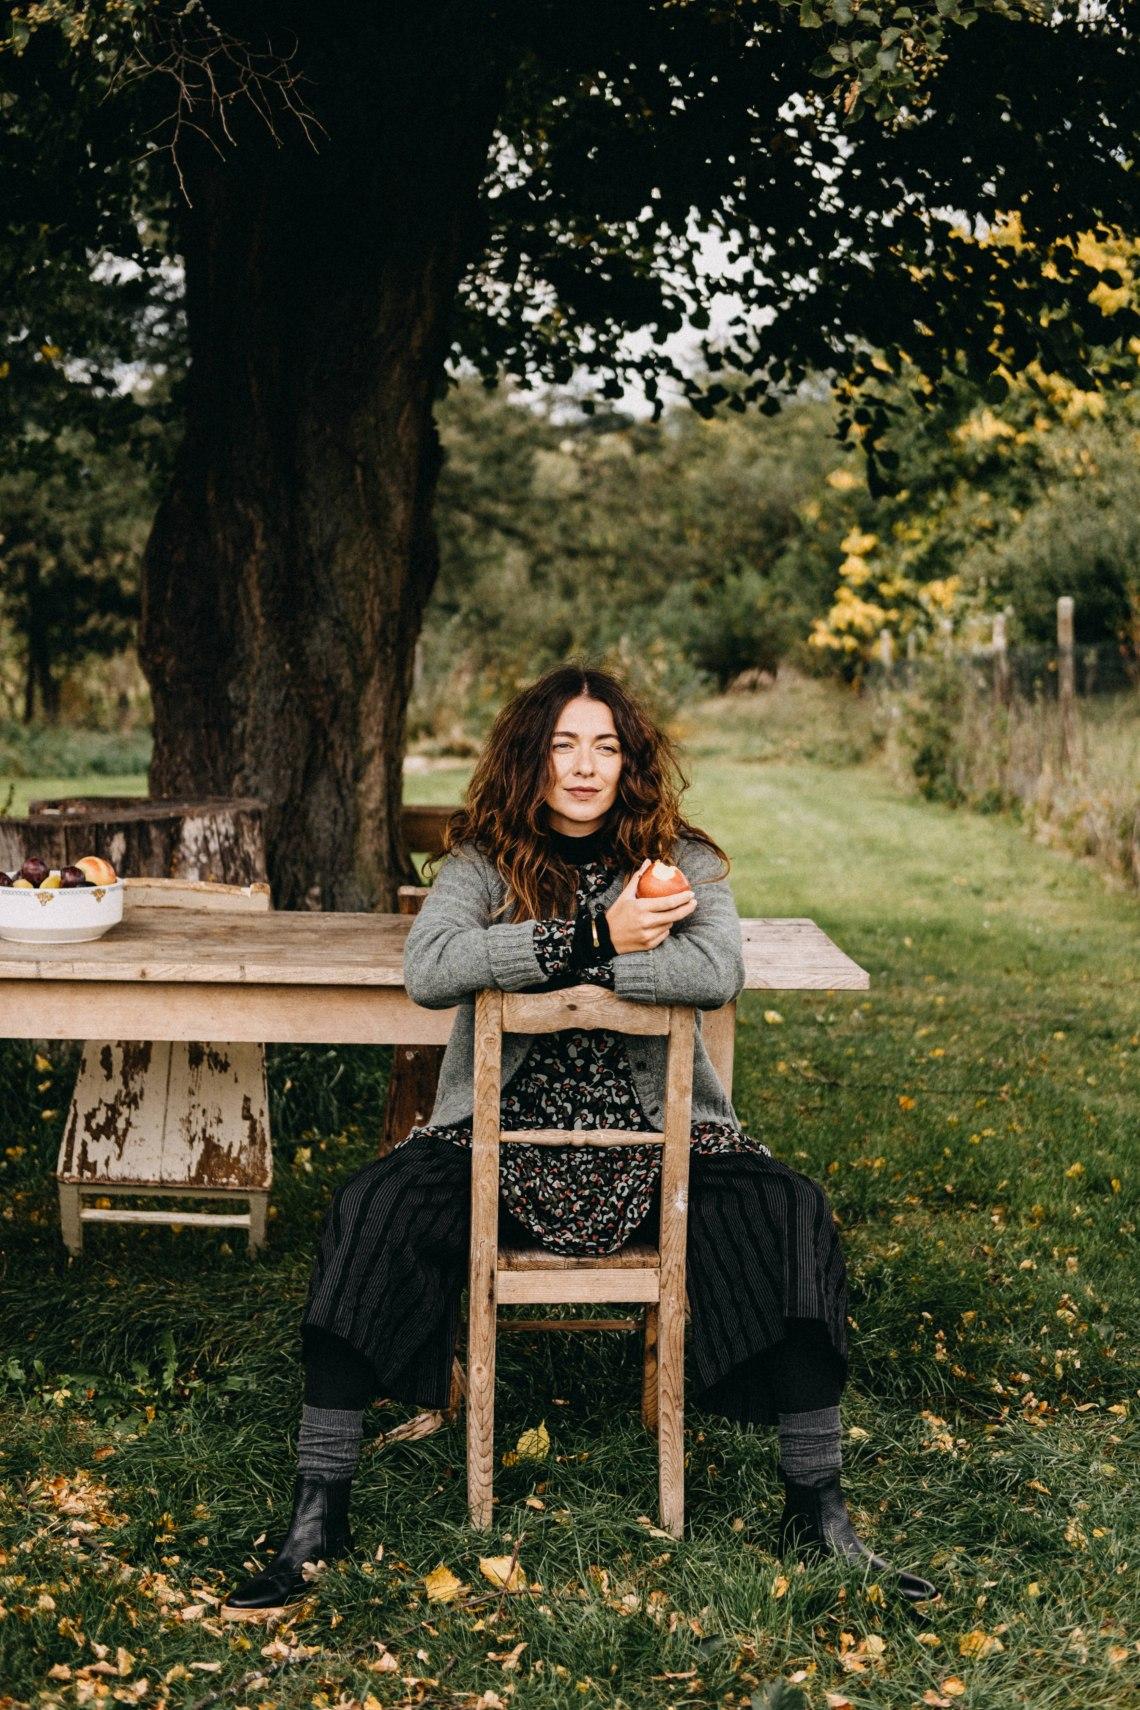 nila-podzim-94.jpg